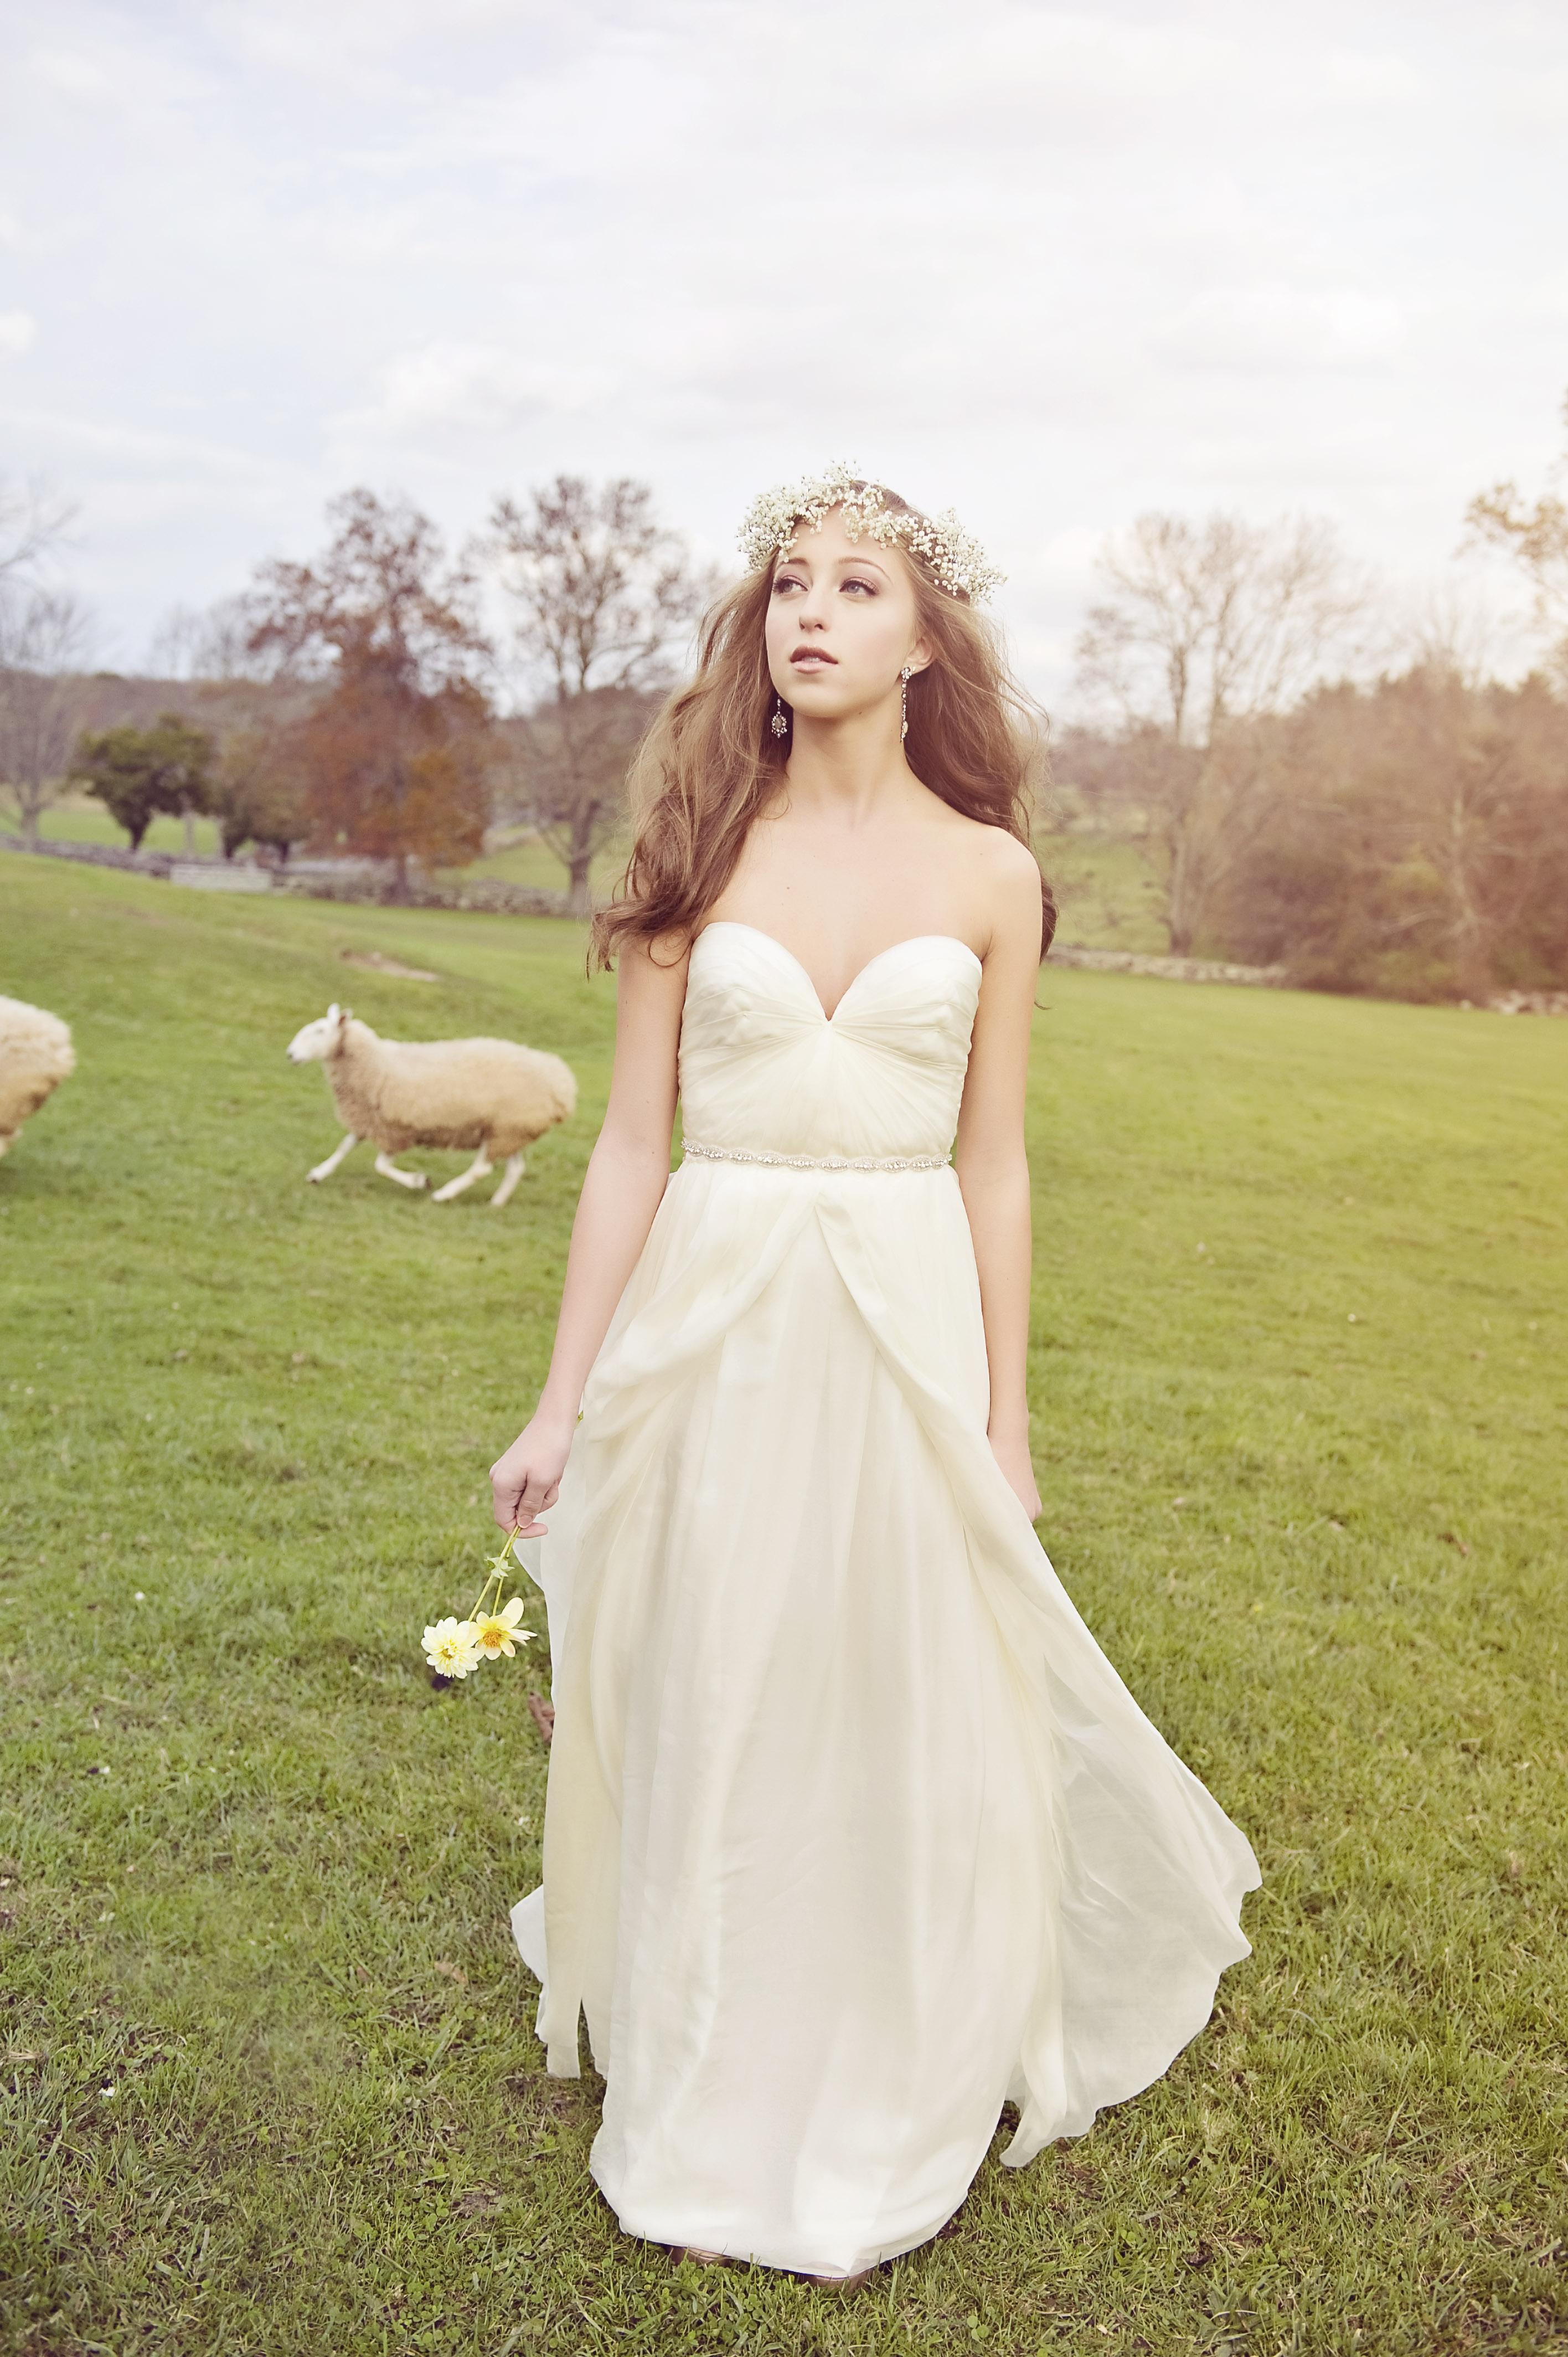 Wedding Dresses For A Farm Wedding